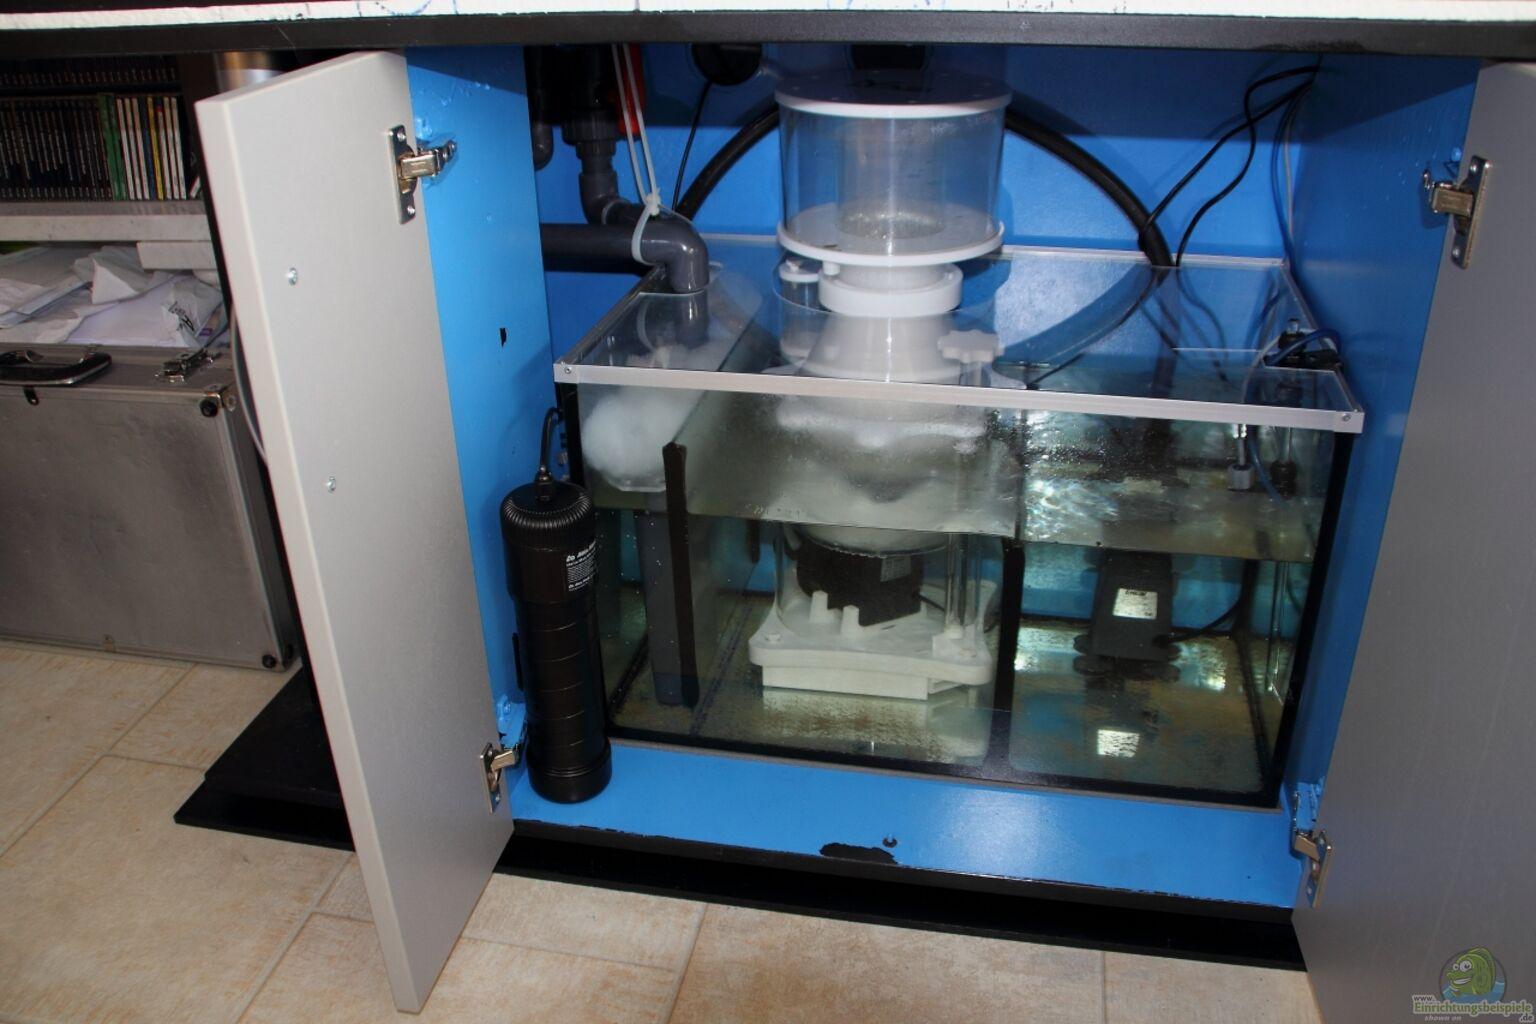 technikbecken mit eingebautem uv kl rer aus micha s great reef challenge von micha. Black Bedroom Furniture Sets. Home Design Ideas